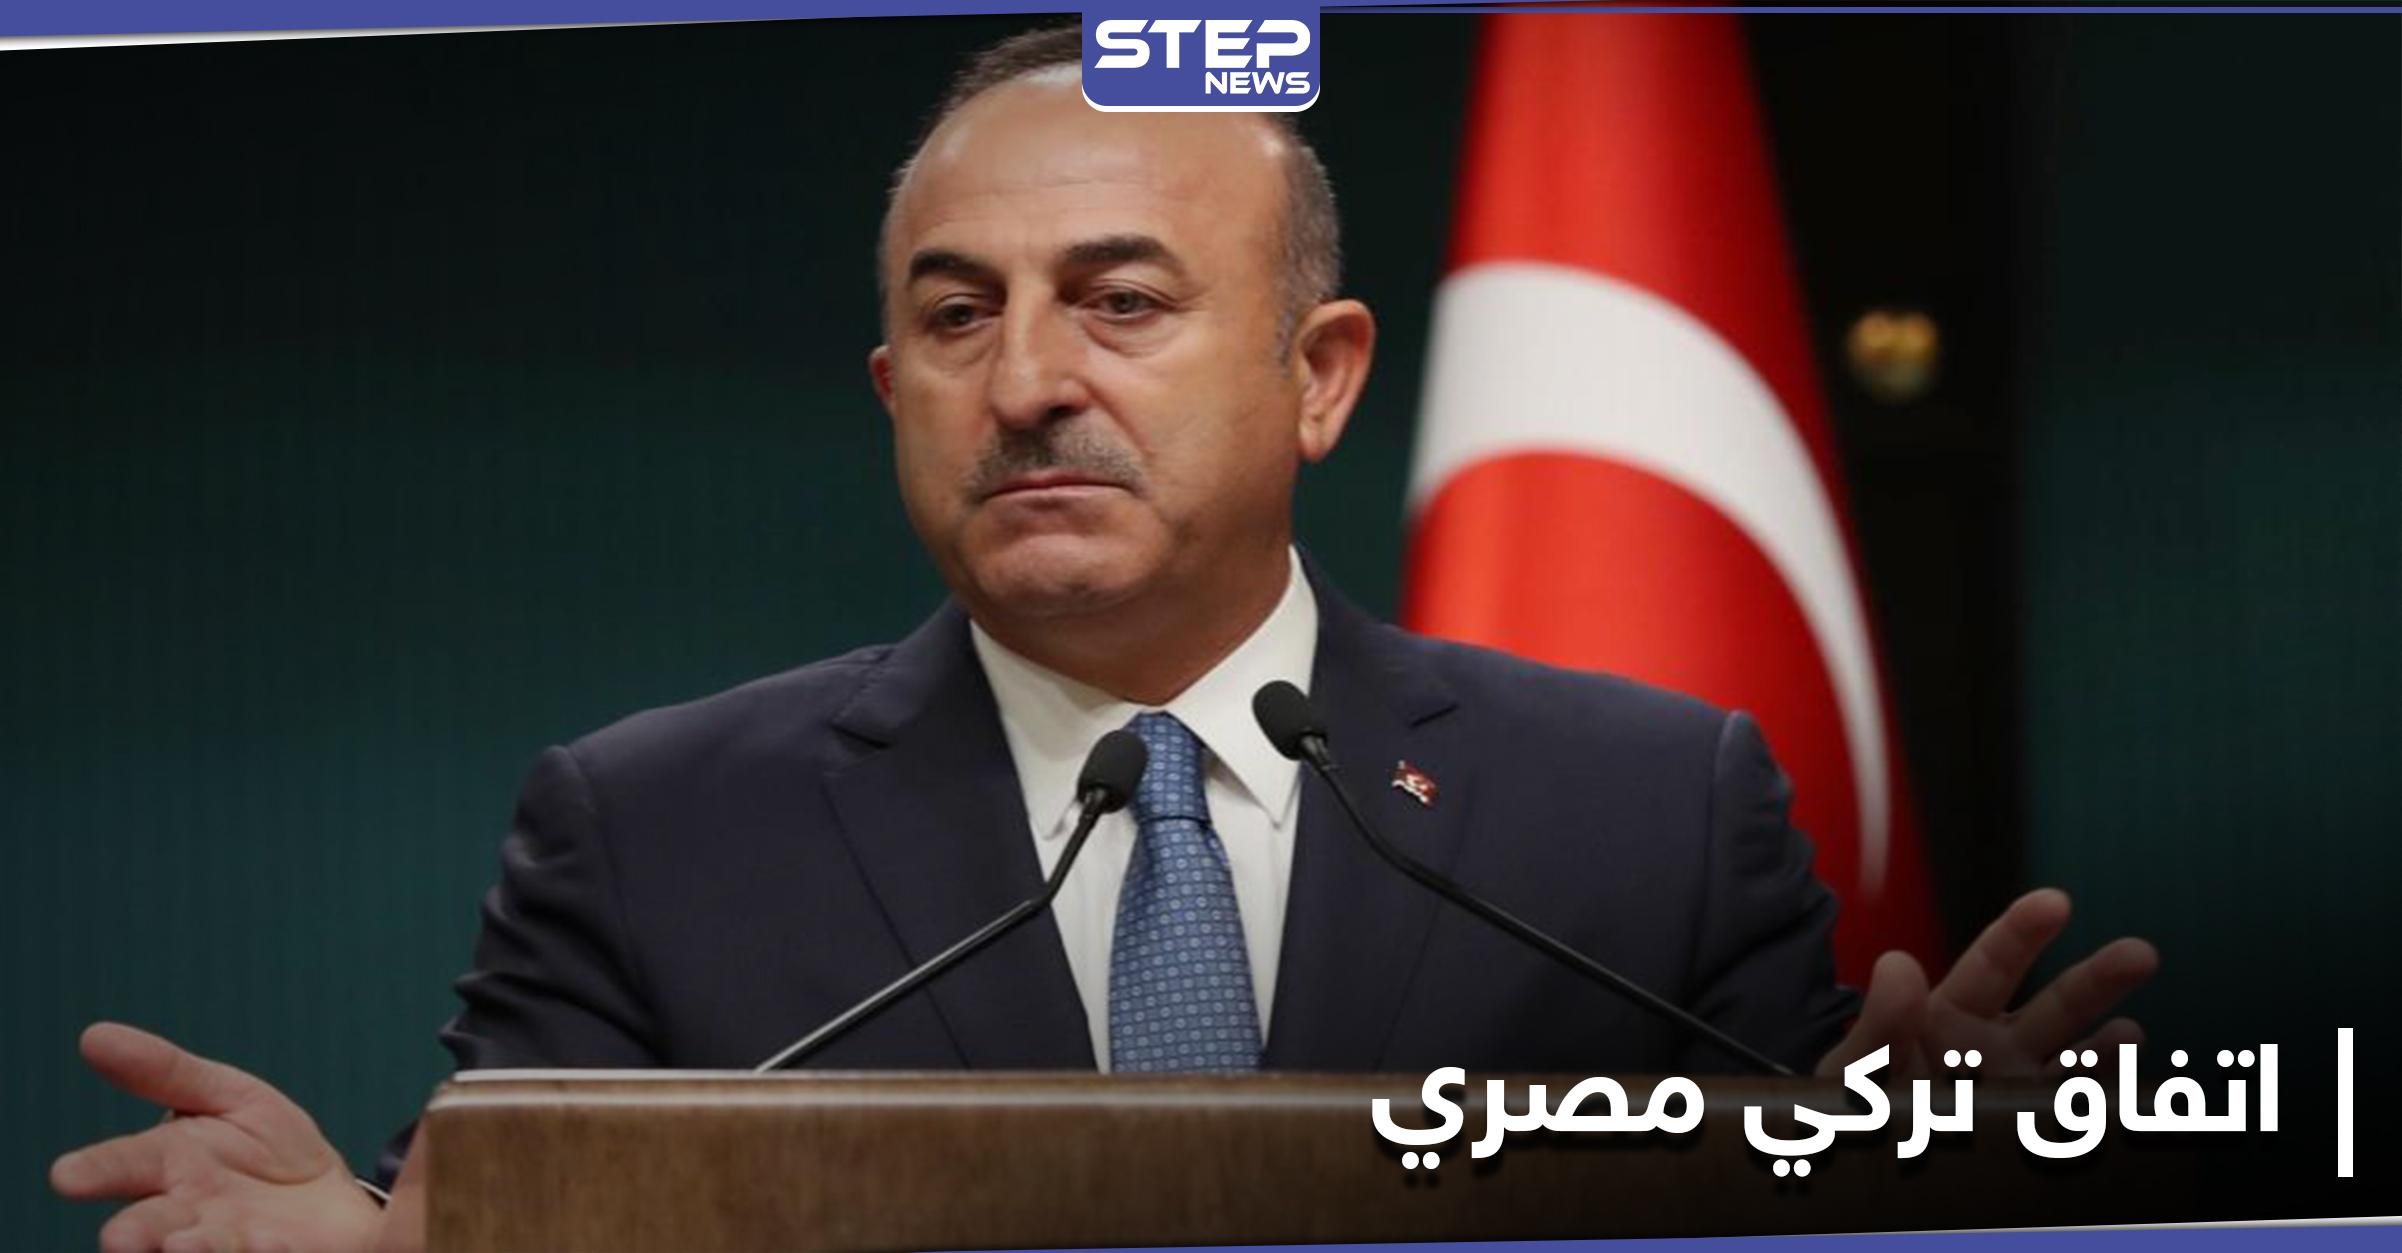 الخارجية التركية تلمح إلى إمكانية توقيع أنقرة والقاهرة اتفاقية لترسيم الحدود البحرية